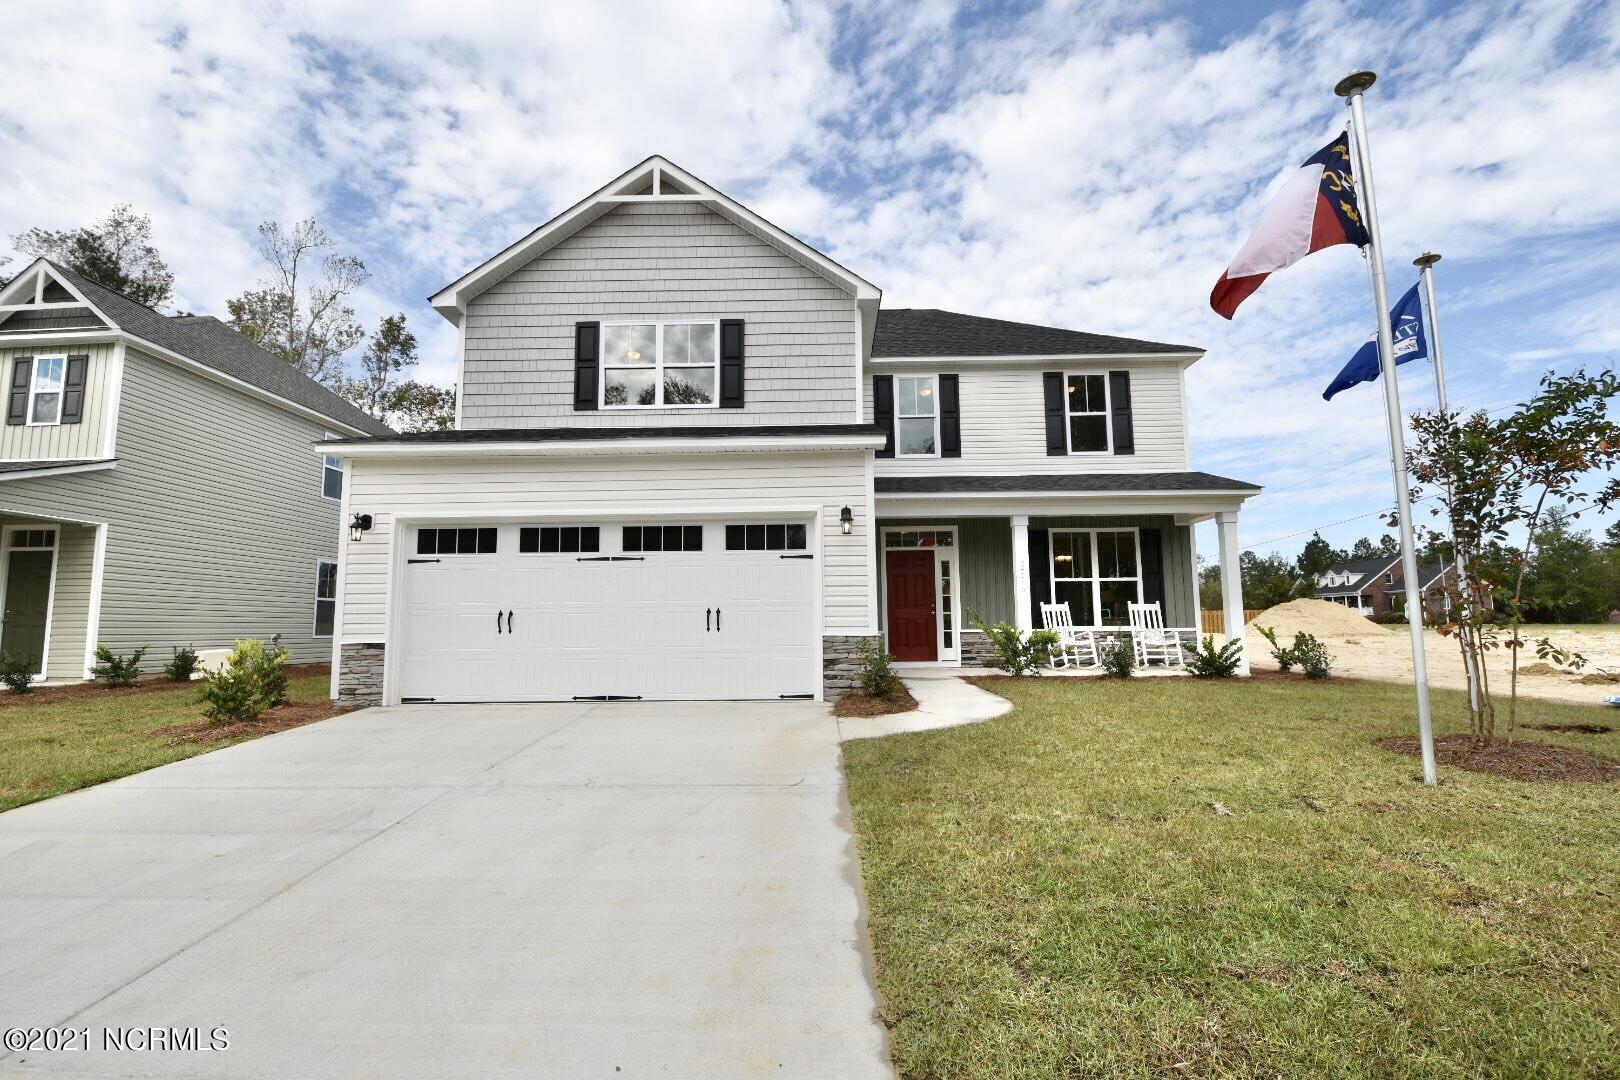 1277 Dabney Park Drive, Leland, North Carolina 28451, 3 Bedrooms Bedrooms, 7 Rooms Rooms,2 BathroomsBathrooms,Single family residence,For sale,Dabney Park,100285800